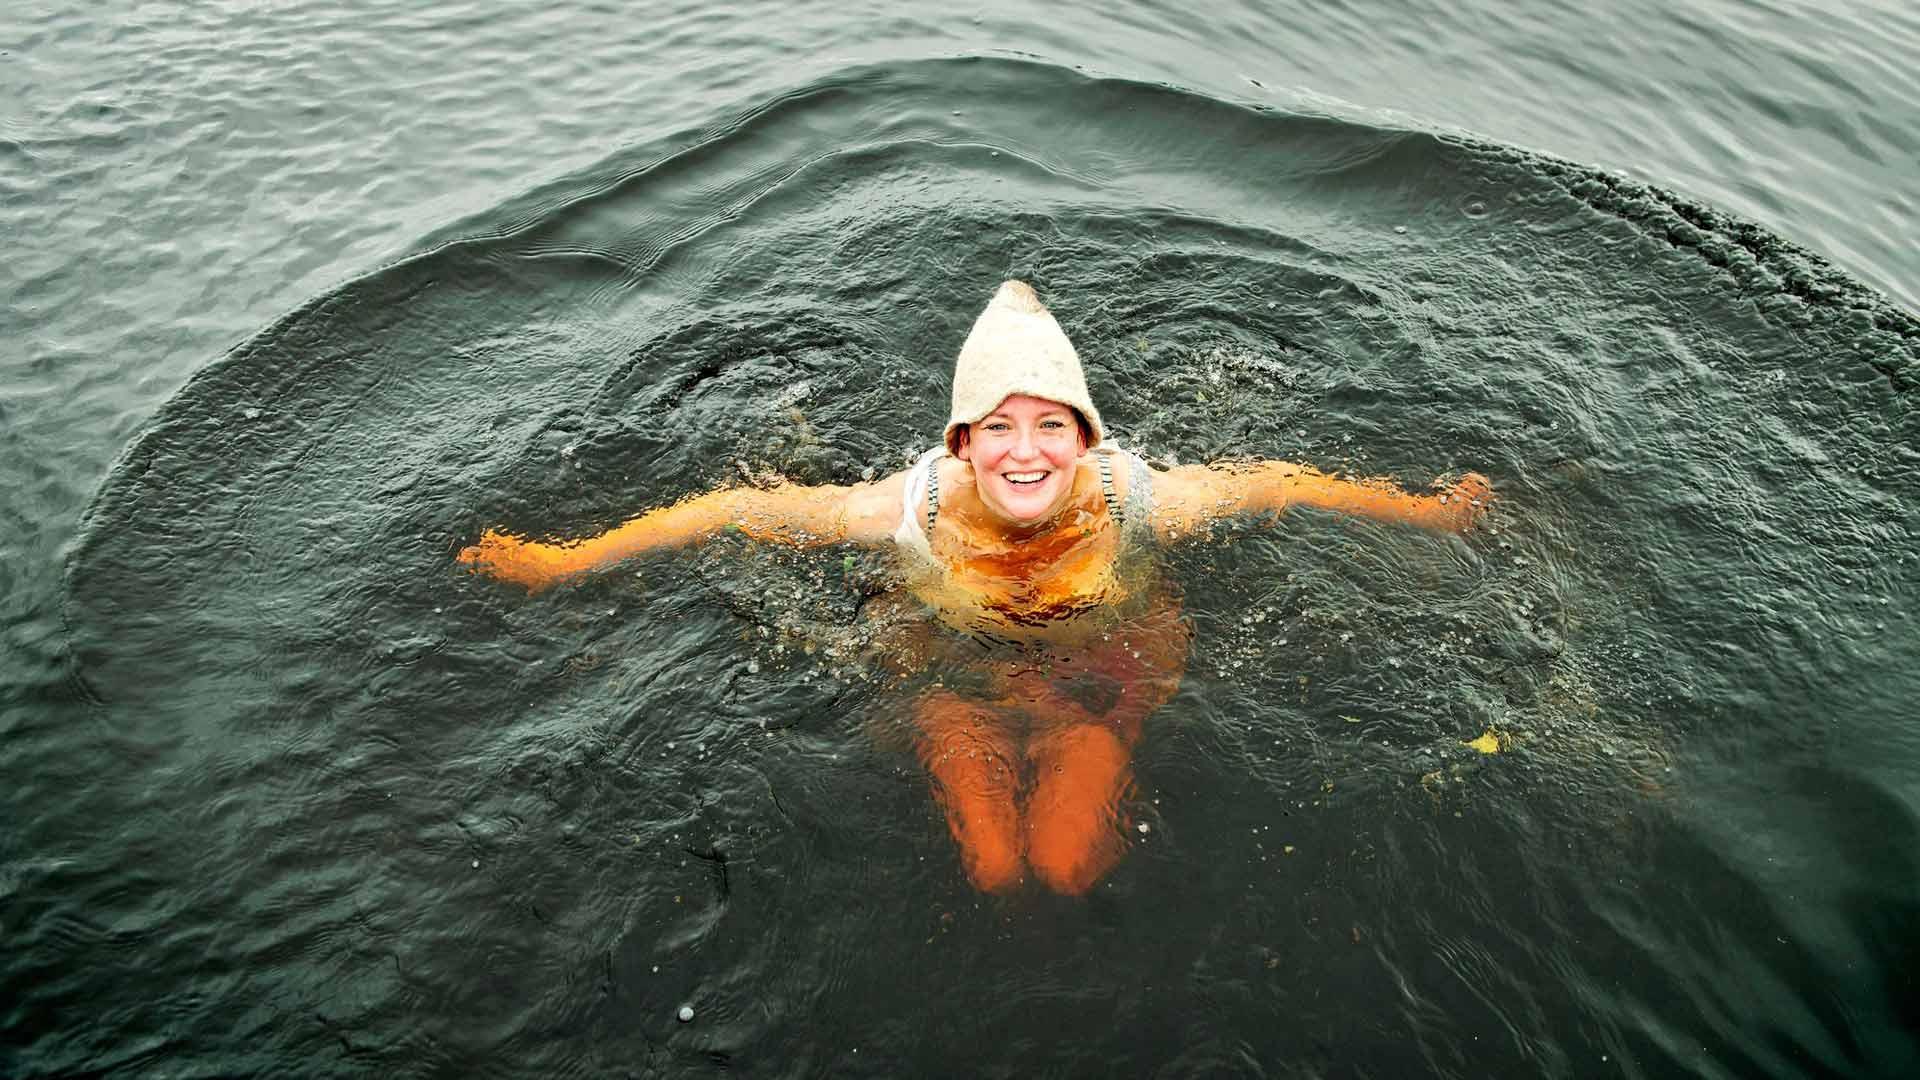 Kun pulahtaa kuumasta saunasta kylmään veteen, niin ensin puhalluttaa ja sitten naurattaa. Siitä syntyy hyvä olo.